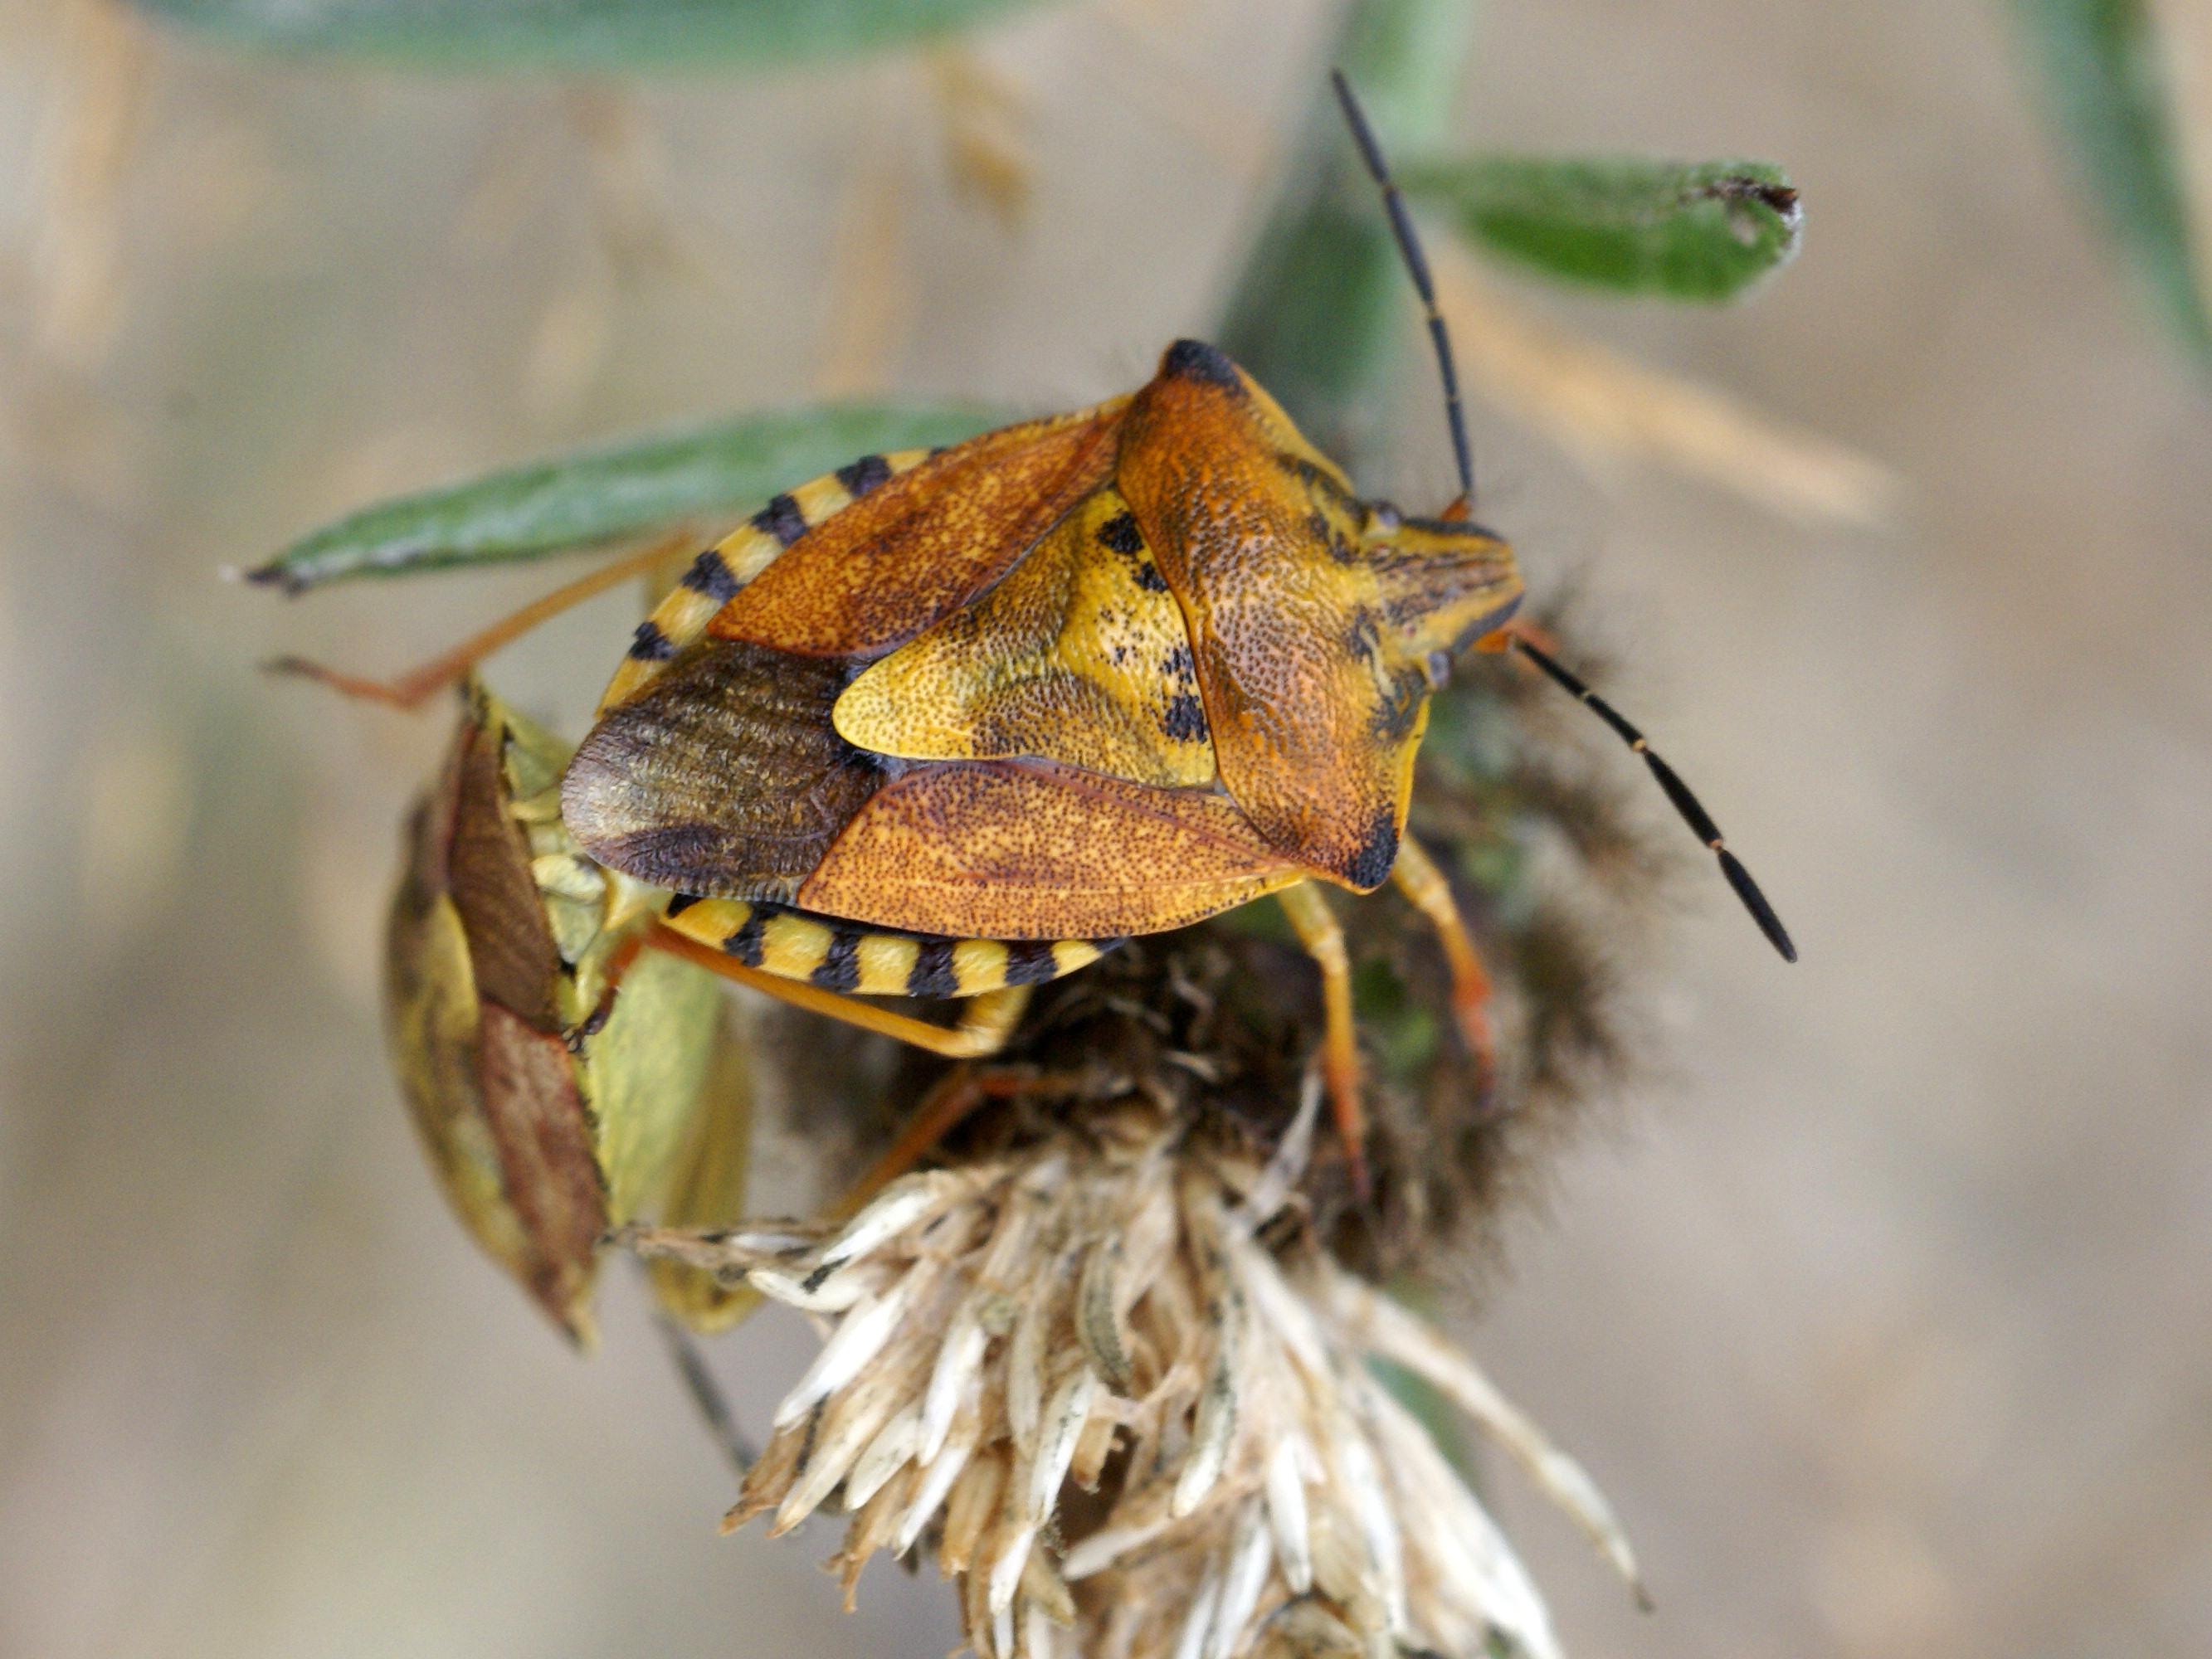 ❶ лесные клопы: фото-обзор и описание насекомых, какие бывают, где живут и как избавиться?